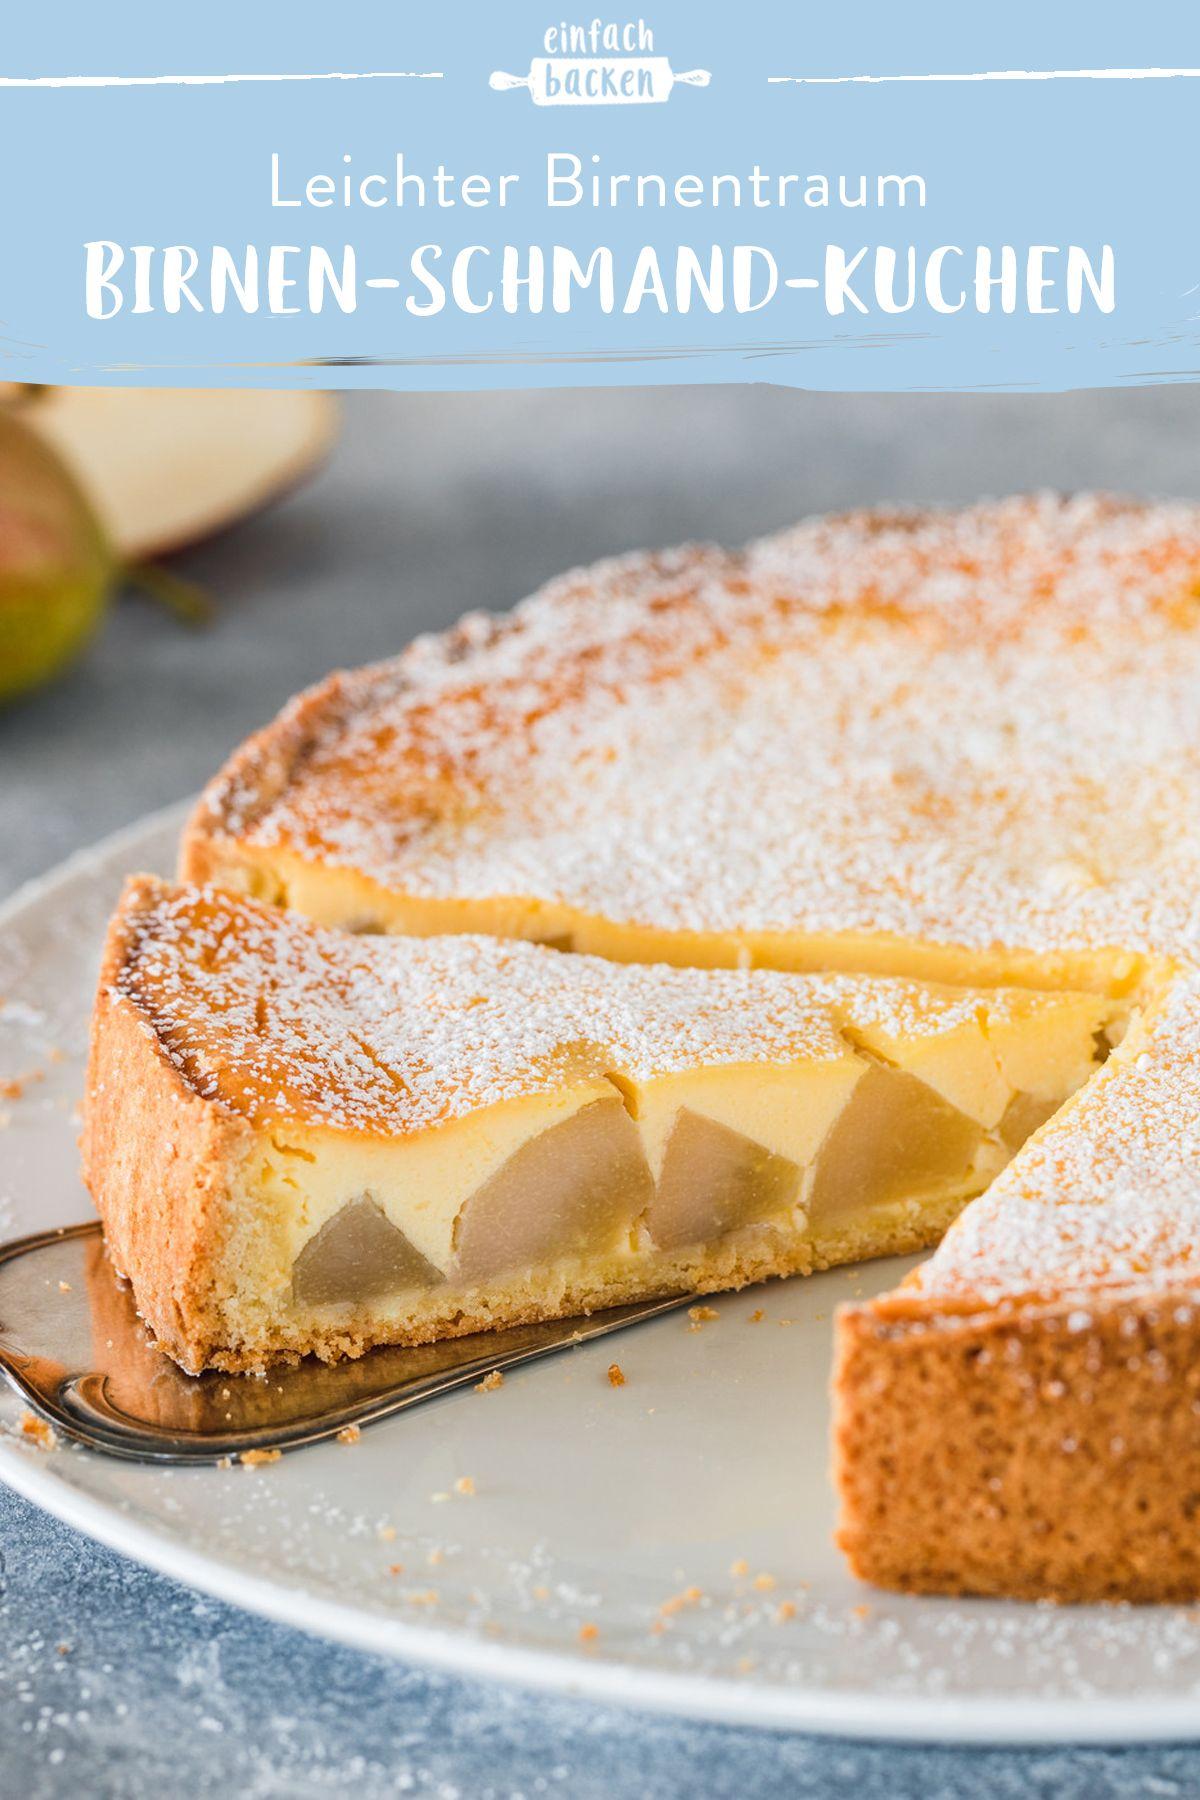 Cremiger Birnen-Schmand-Kuchen #recipeforpuffpastry